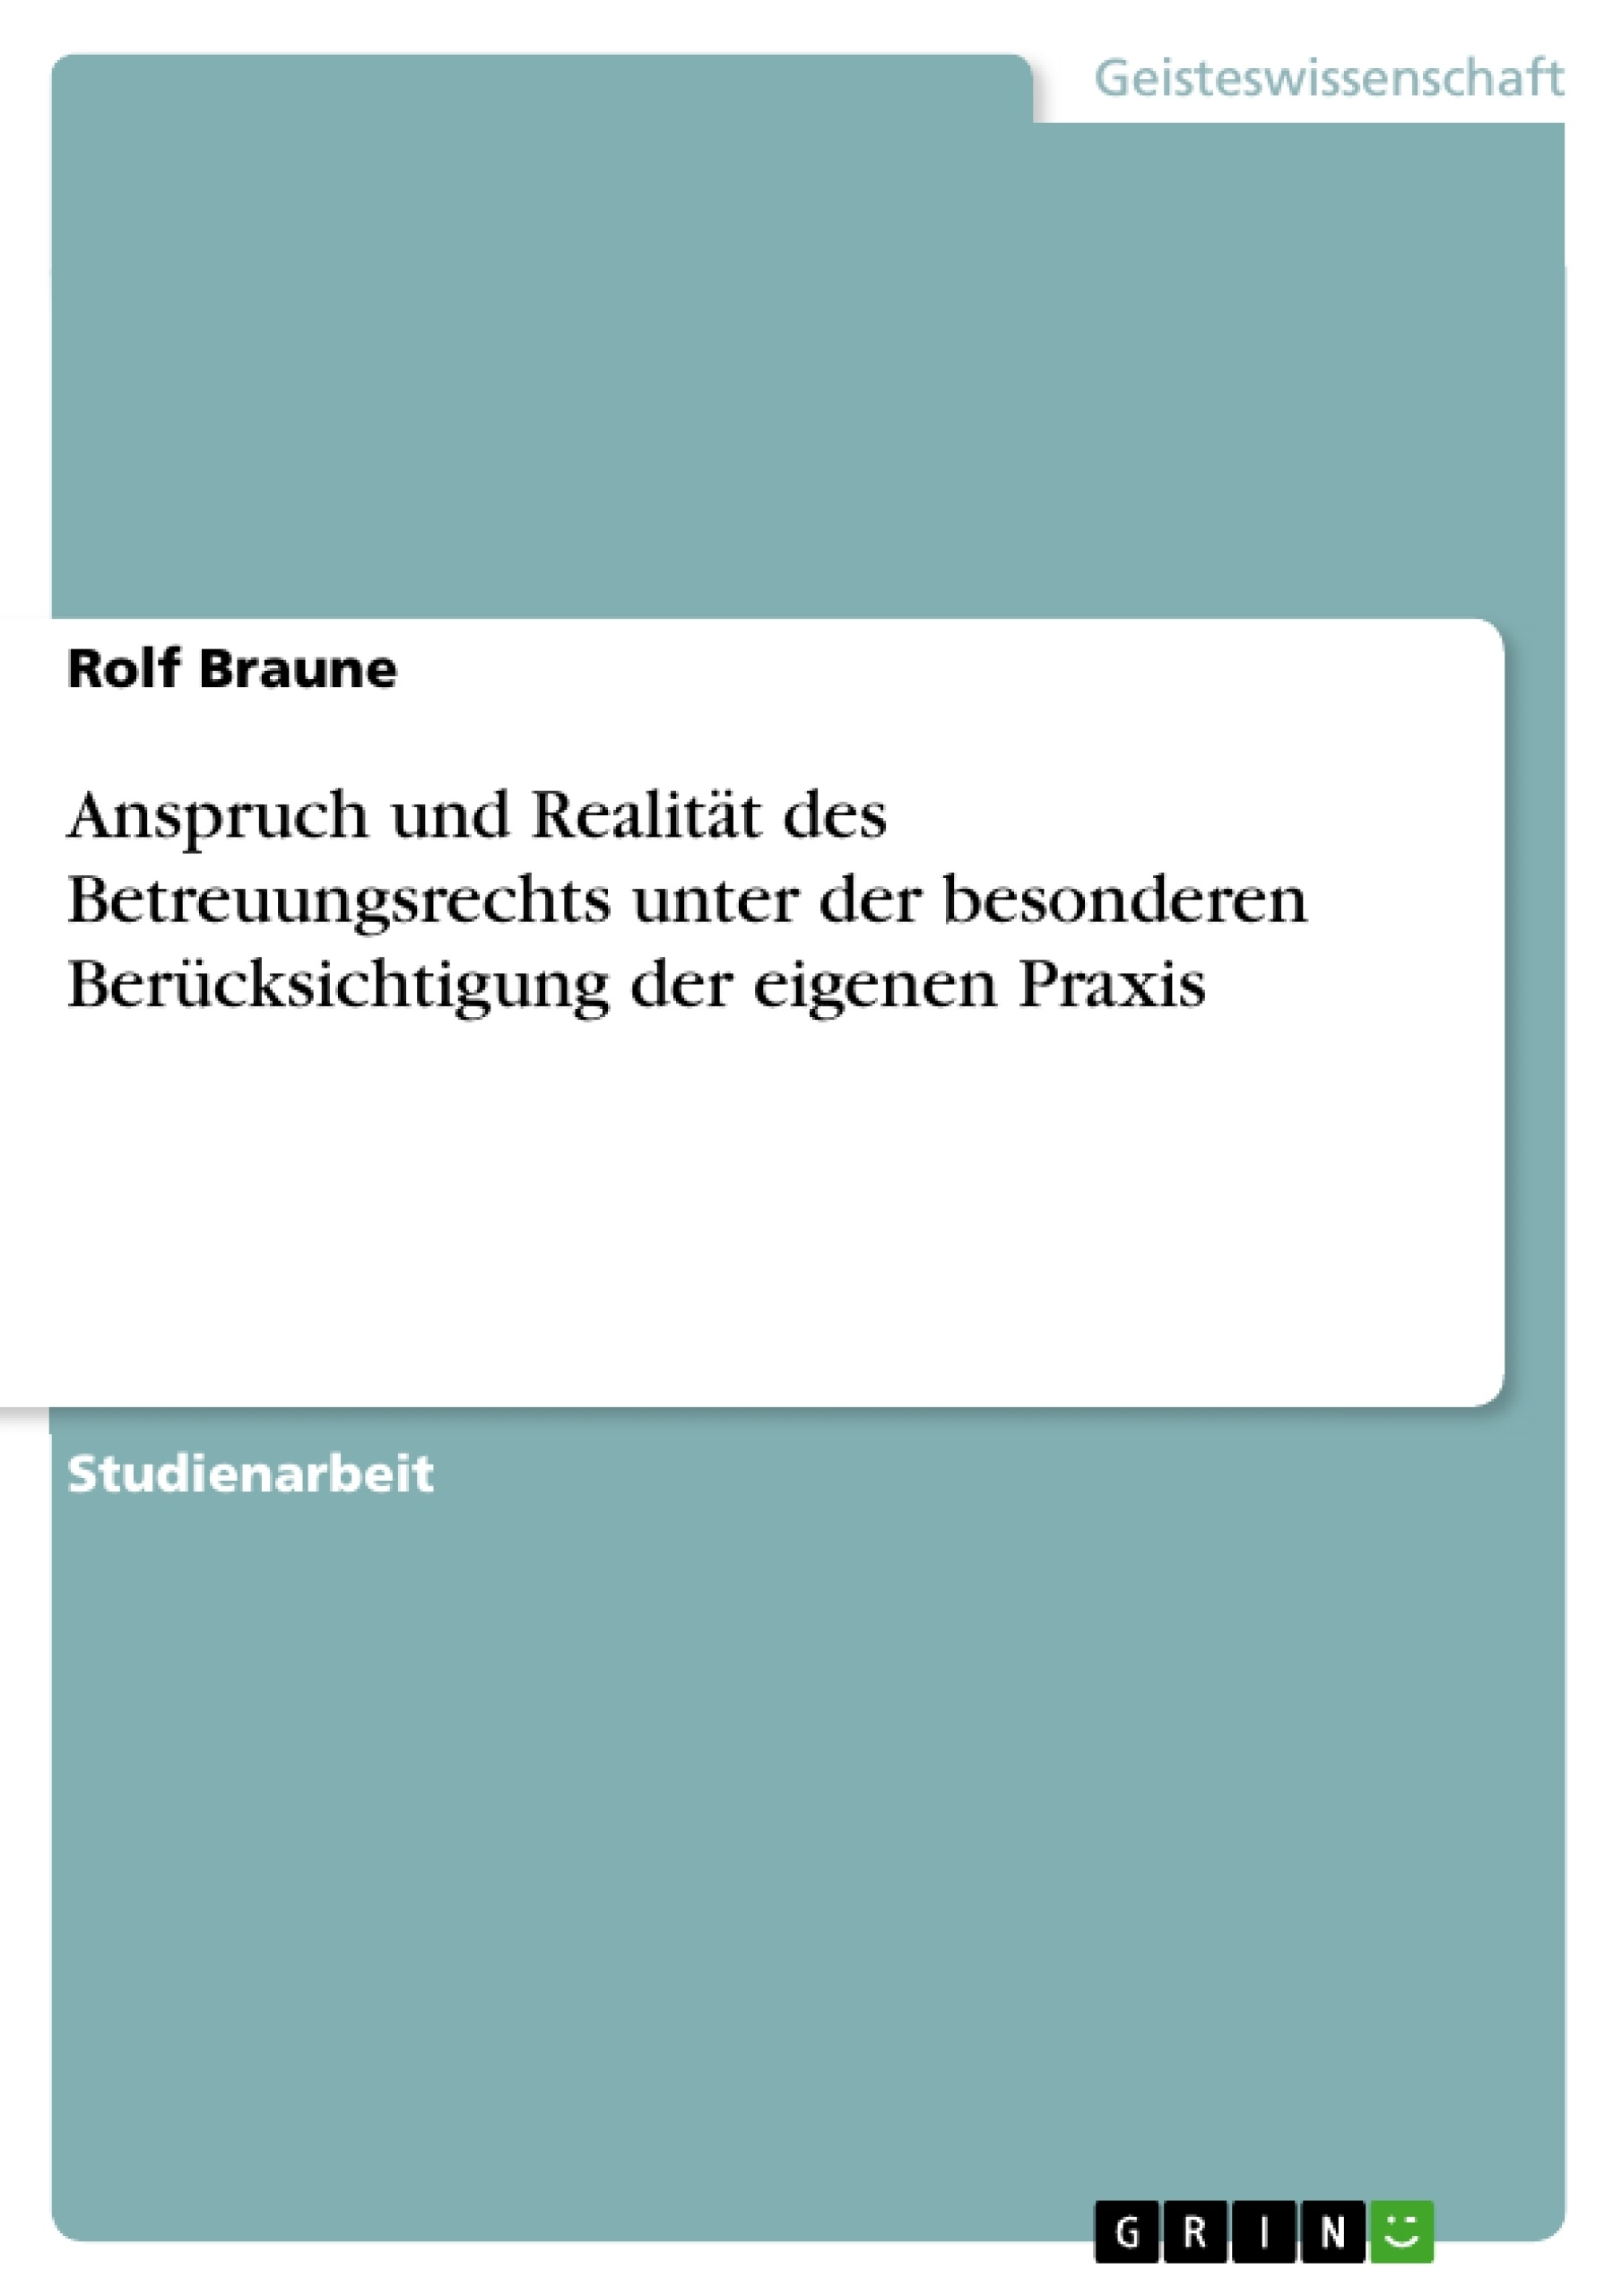 Titel: Anspruch und Realität des Betreuungsrechts unter der besonderen Berücksichtigung der eigenen Praxis